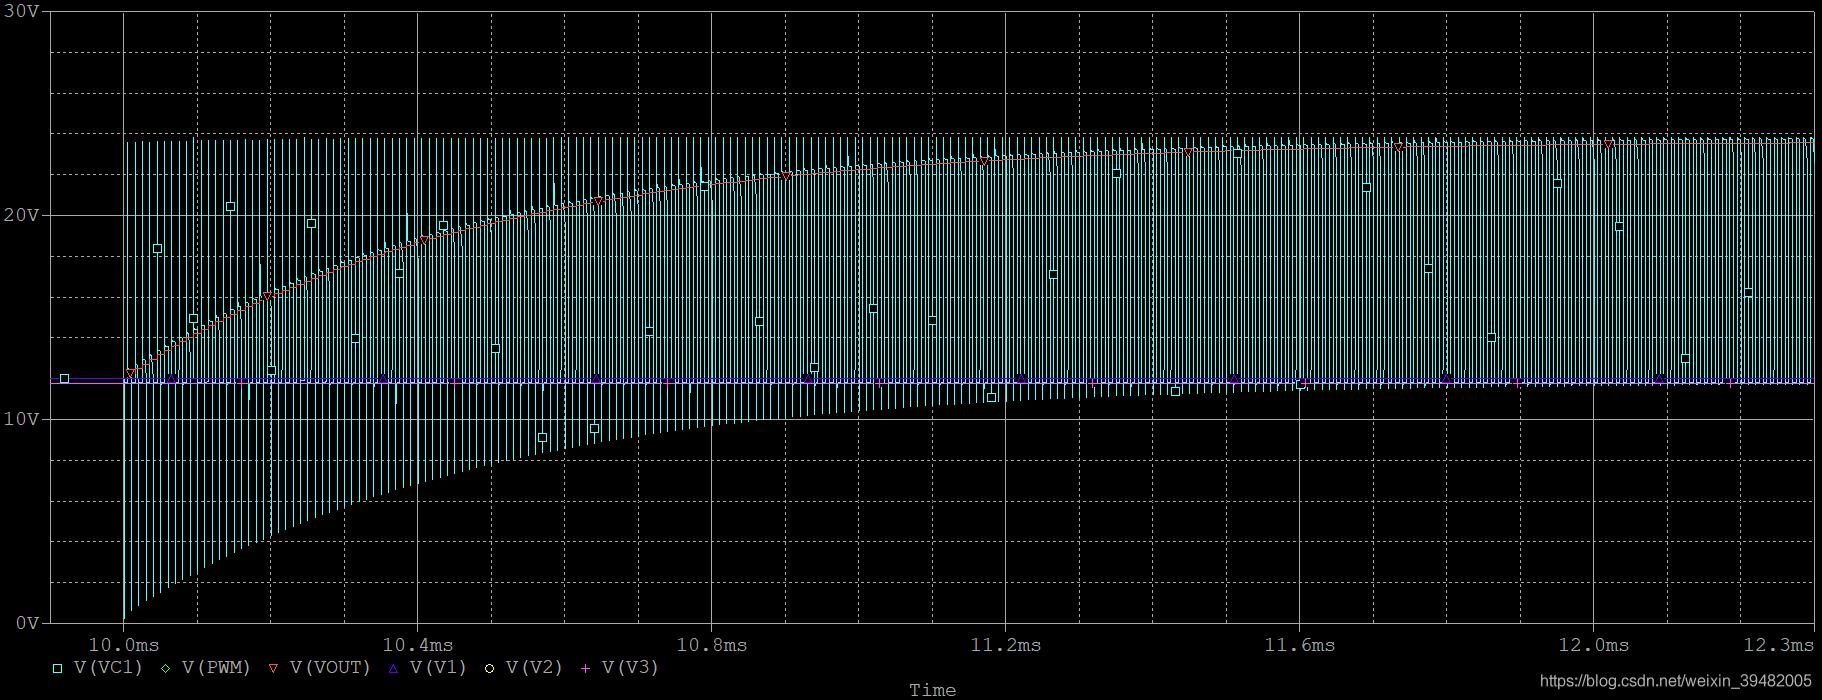 图3 各个采样点的电压波形